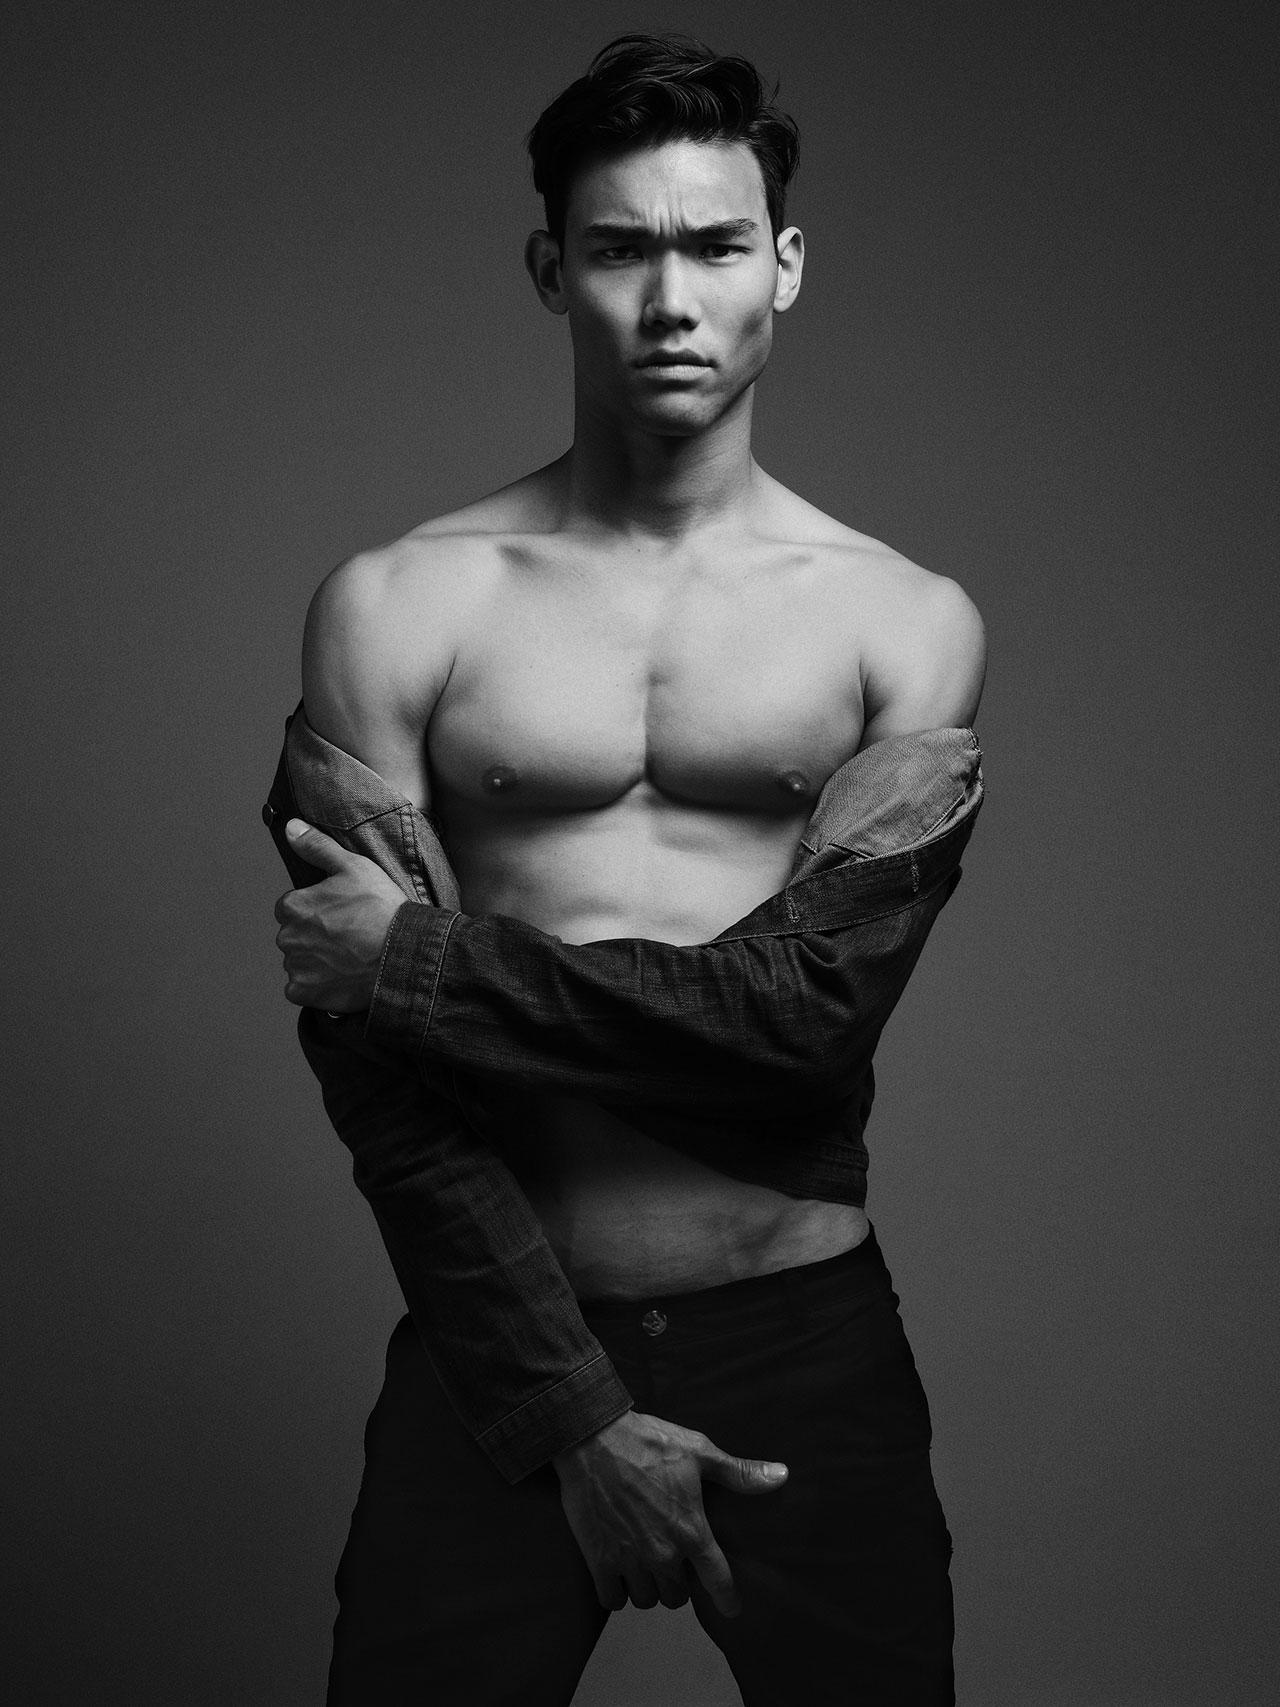 Азиаты красивые мужчины сексуальные